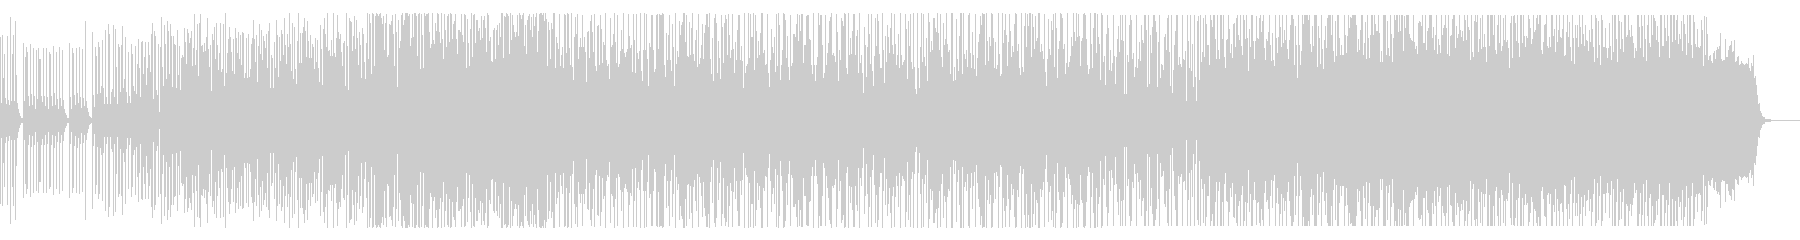 ポップな和風ヒップホップの未再生の波形